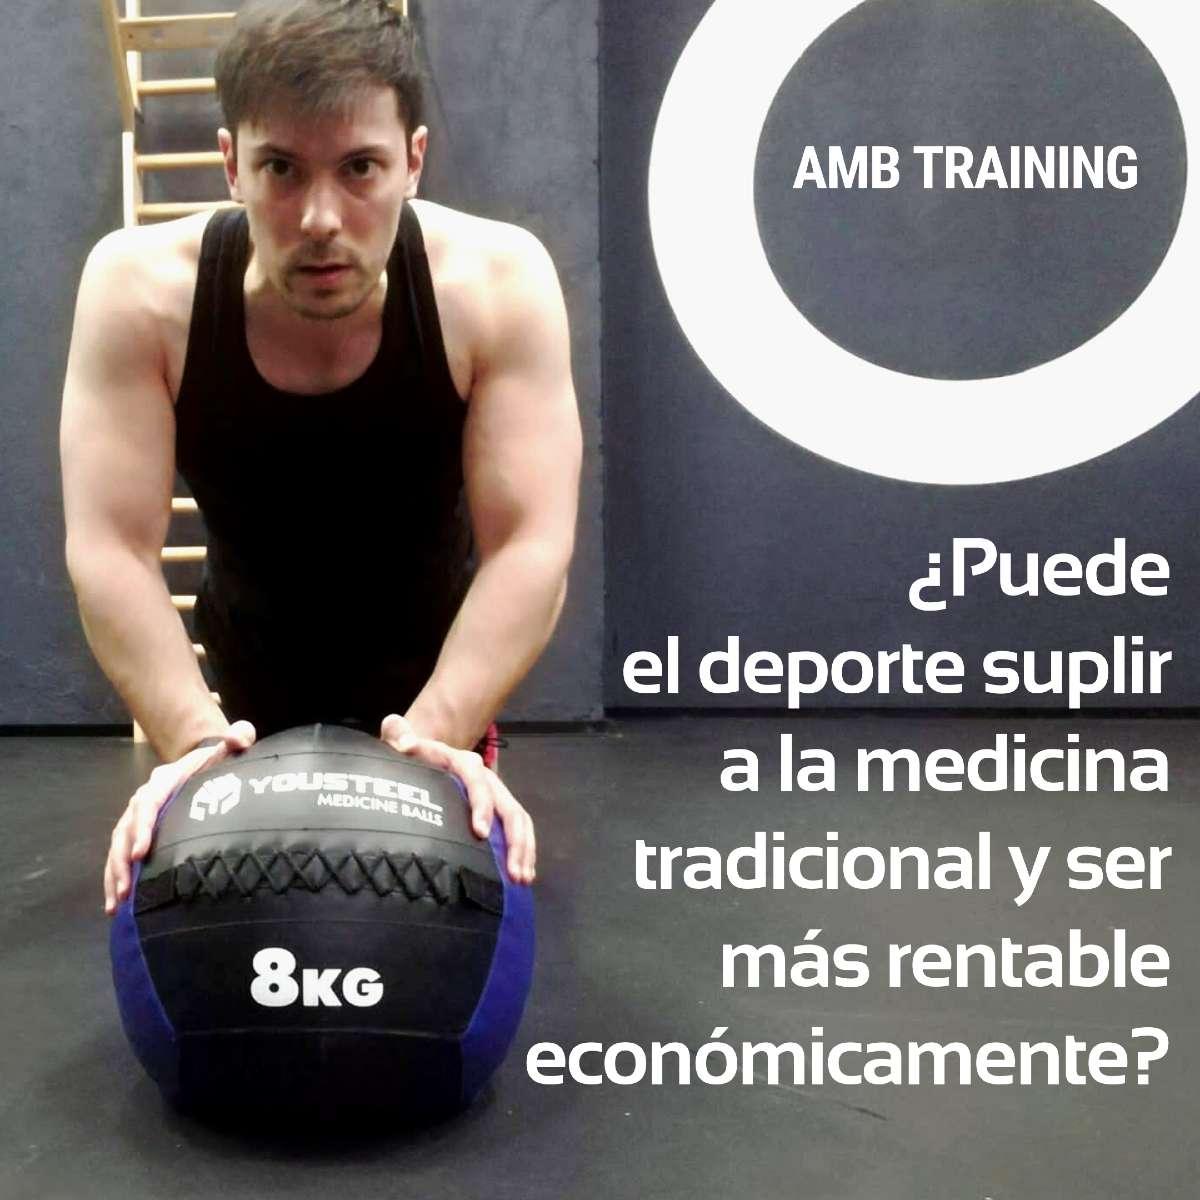 puede la actividad fisica suplir a la medicina tradicional